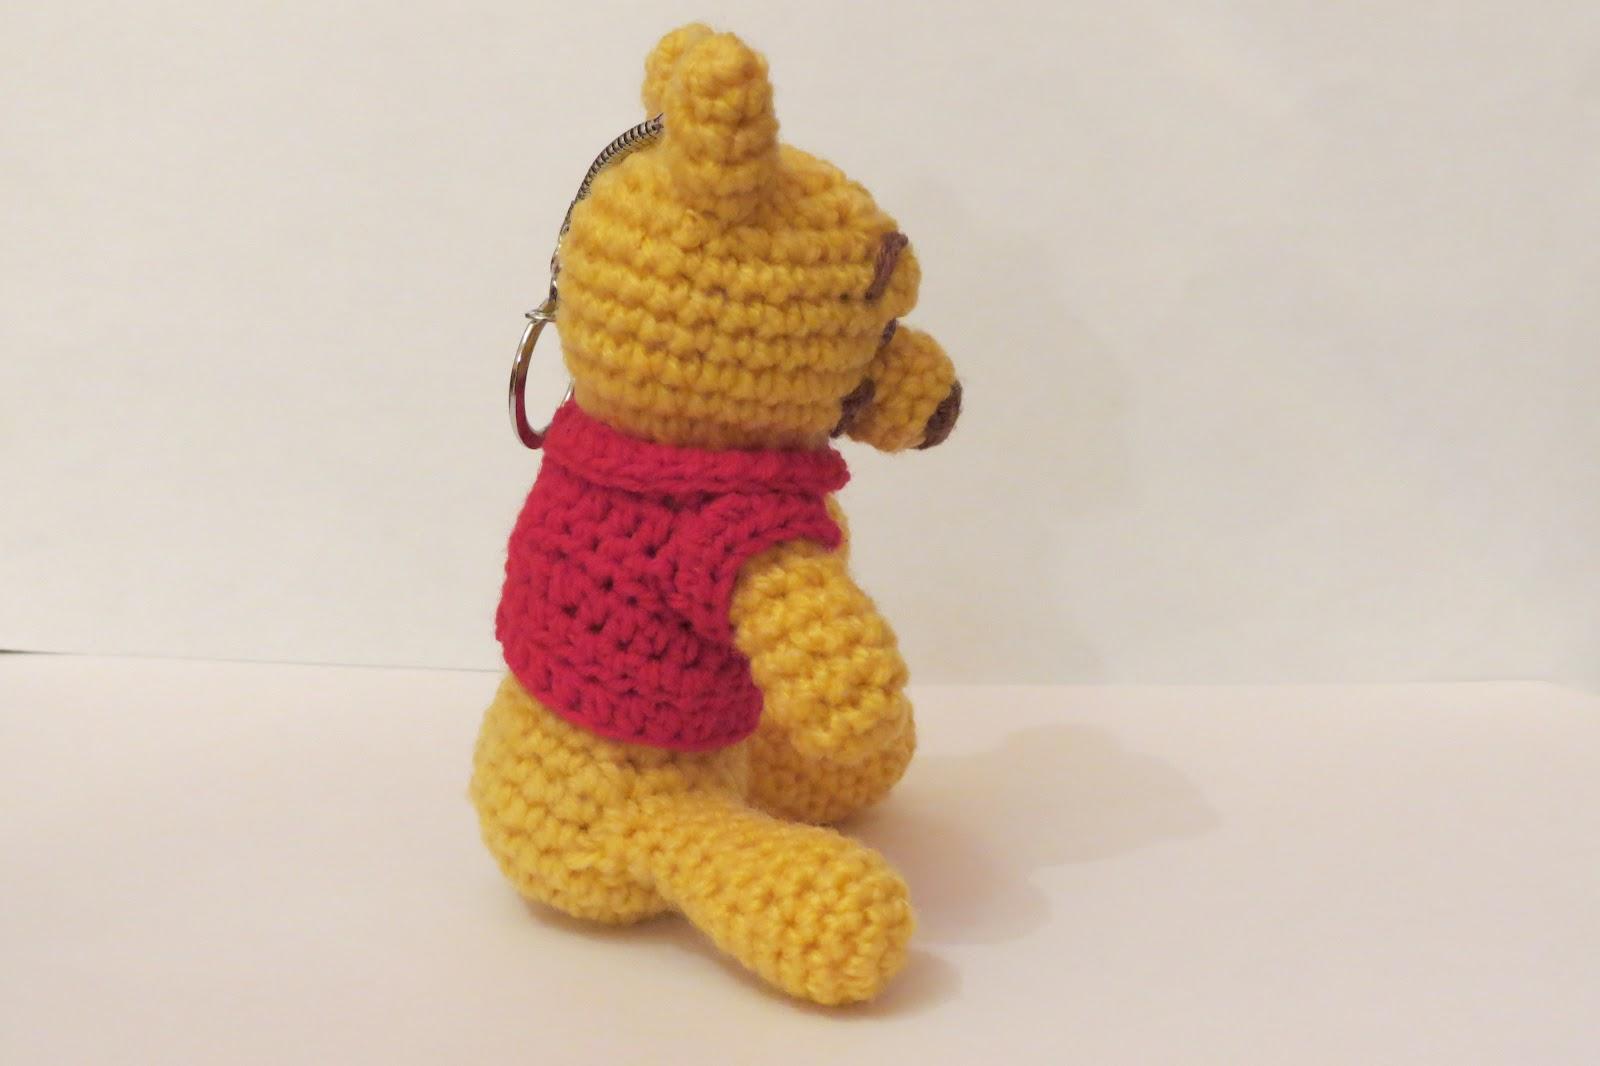 Crochet Amigurumi Eeyore : Crochet Amigurumi Winnie The Pooh Small manal311